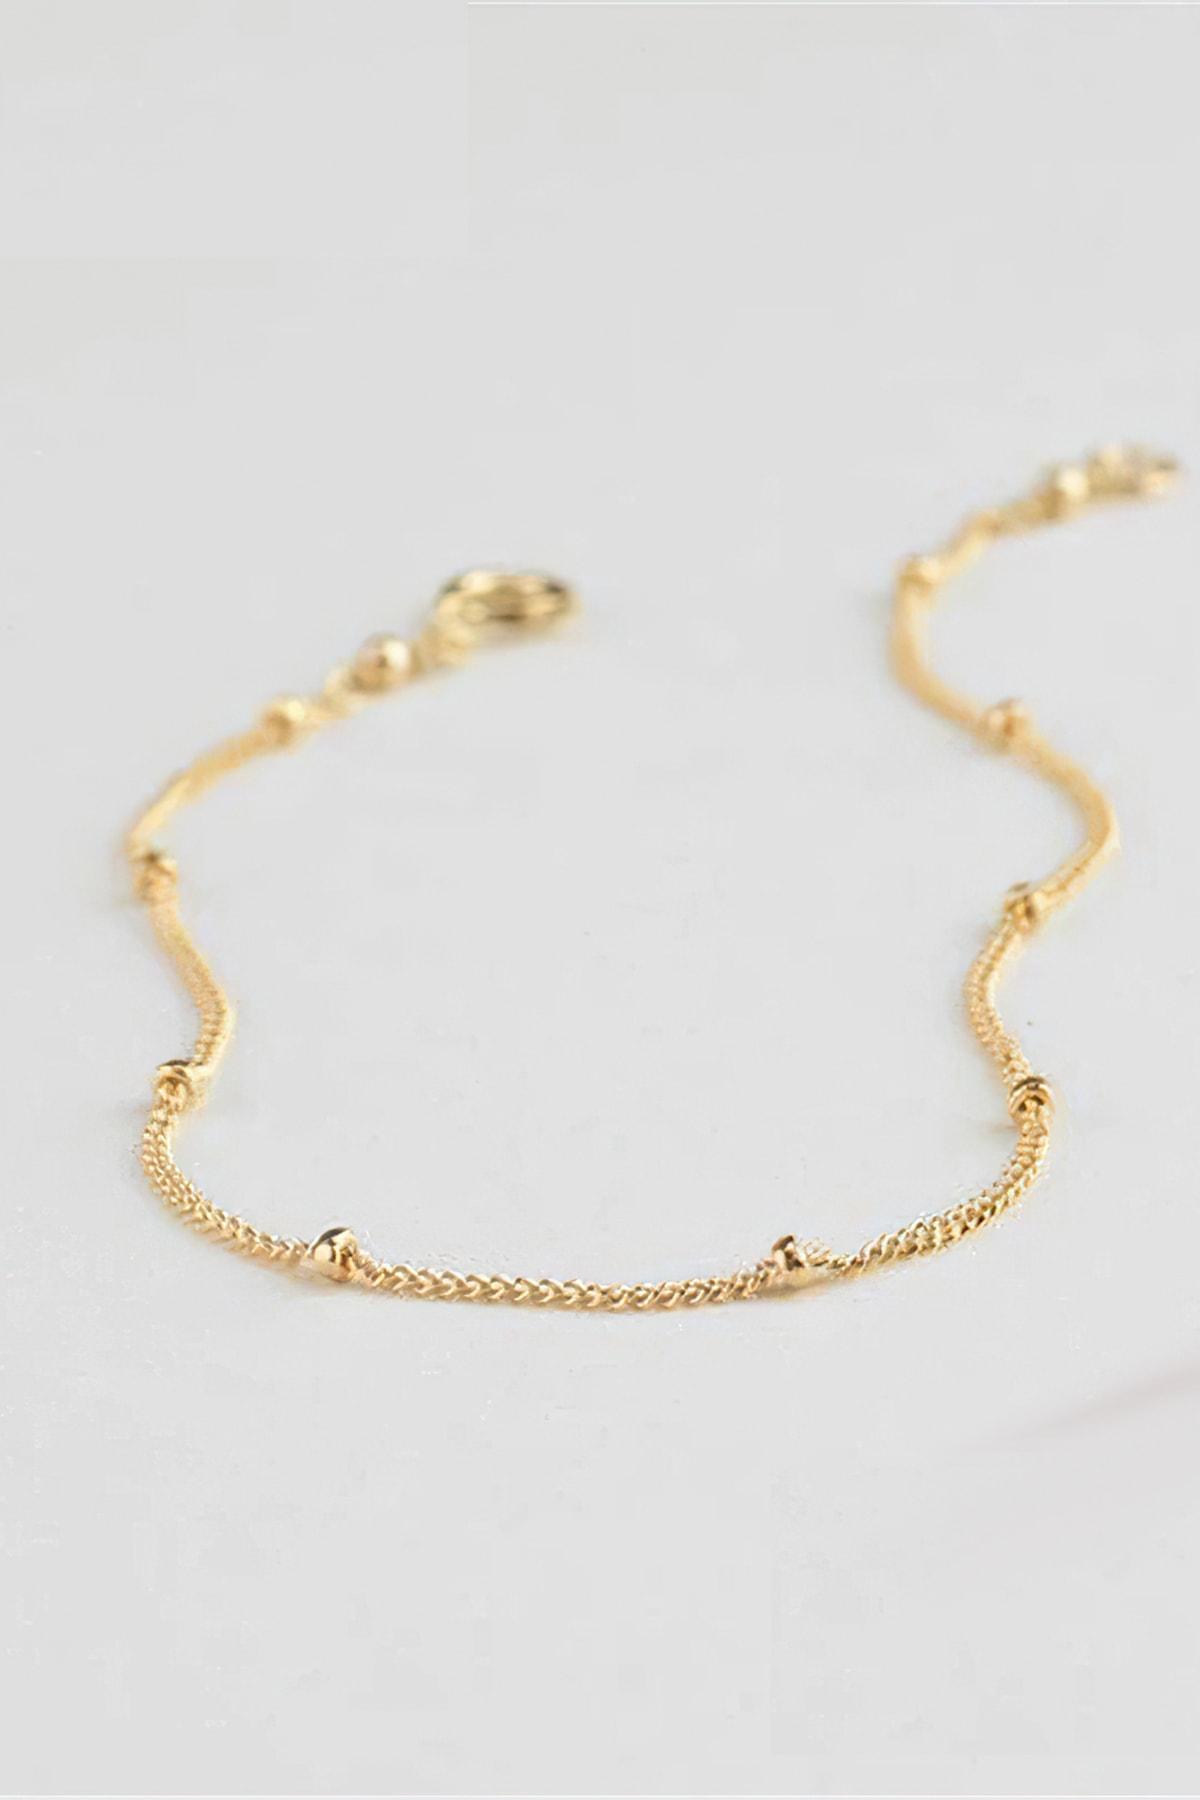 Roza Silver Kadın Altın Rengi Zarif Boncuk Süslemeli Gümüş Bileklik 2